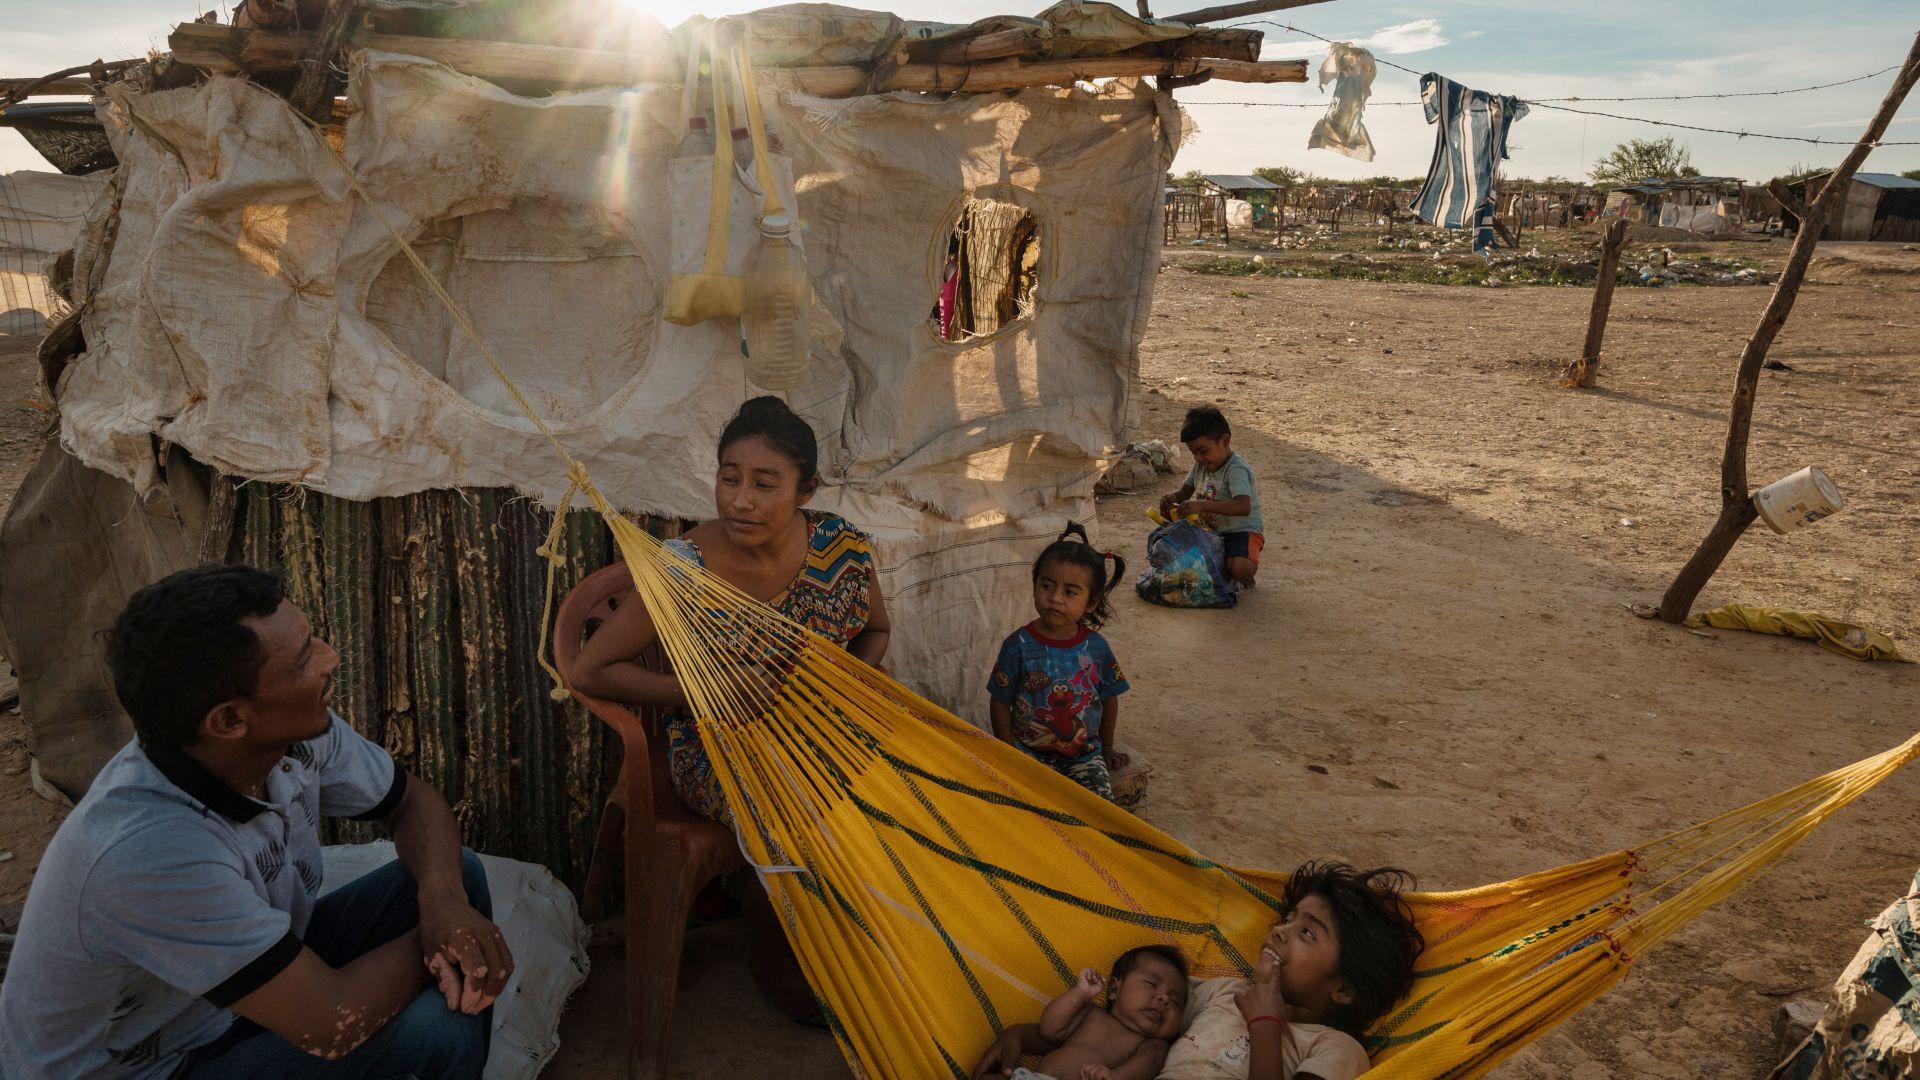 Diseida Atensio, quien es venezolana, descansa con su familia en un campamento ubicado en un territorio en disputa. (Fotos: Adriana Loureiro Fernández para The New York Times)